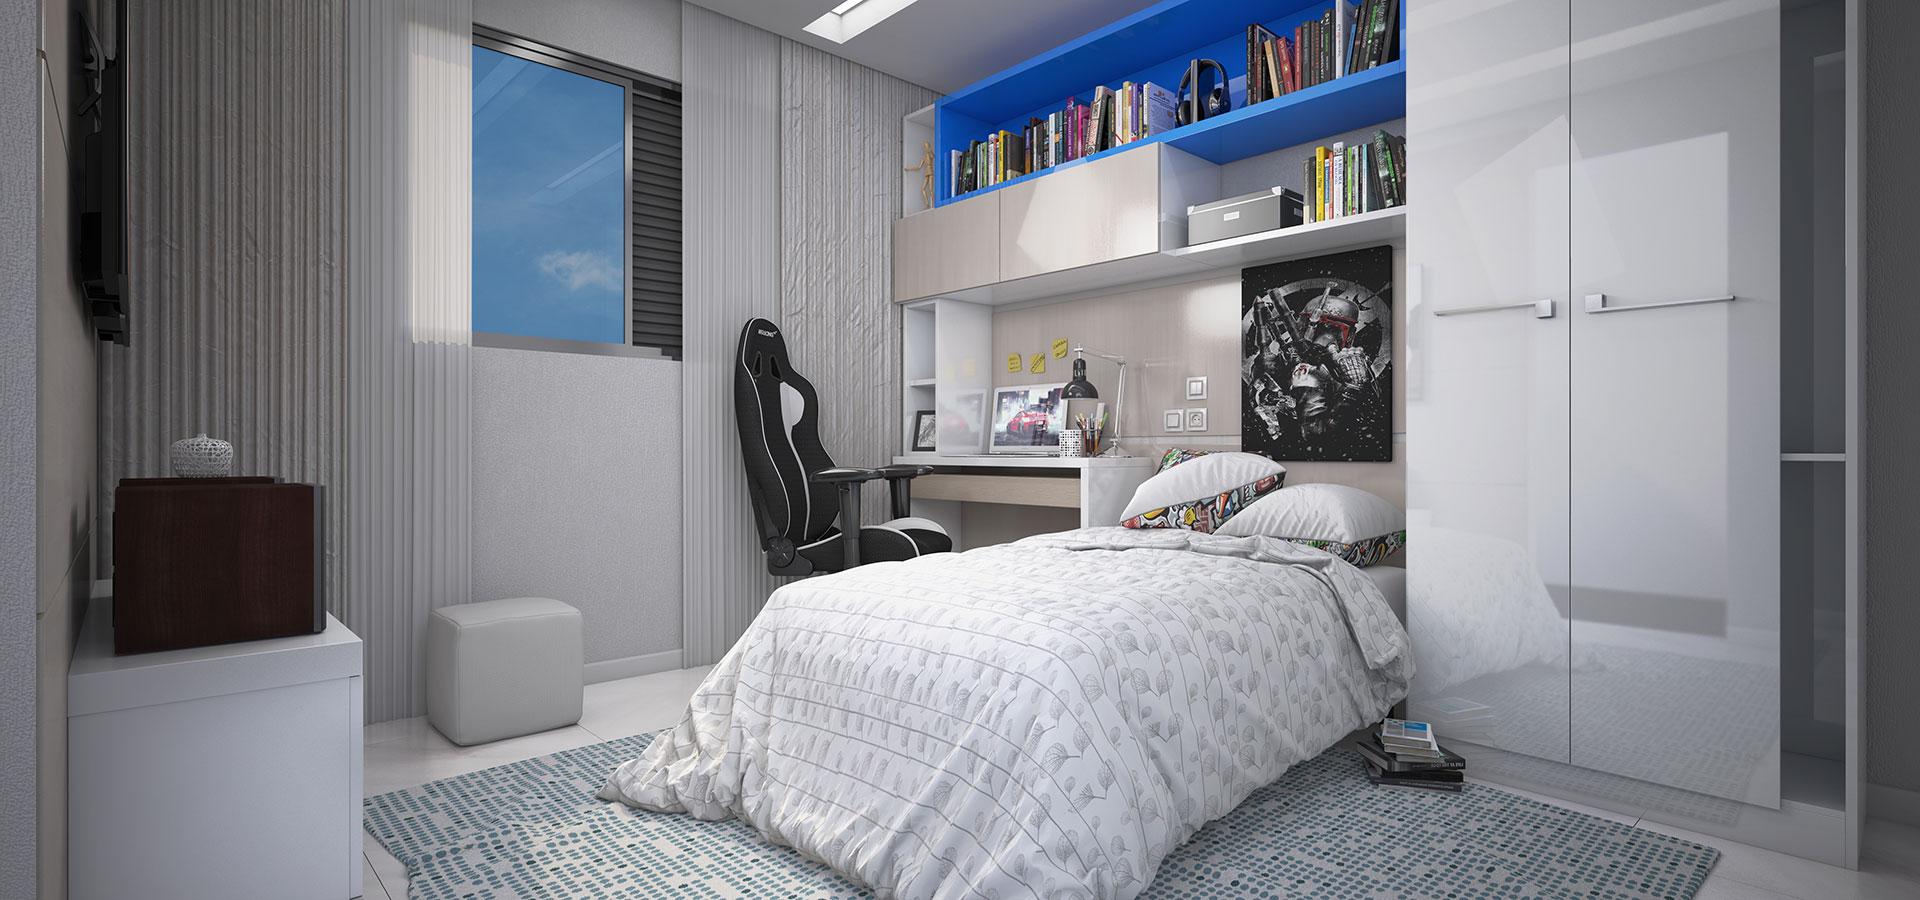 Uniq_dormitorio_02-6000-edit